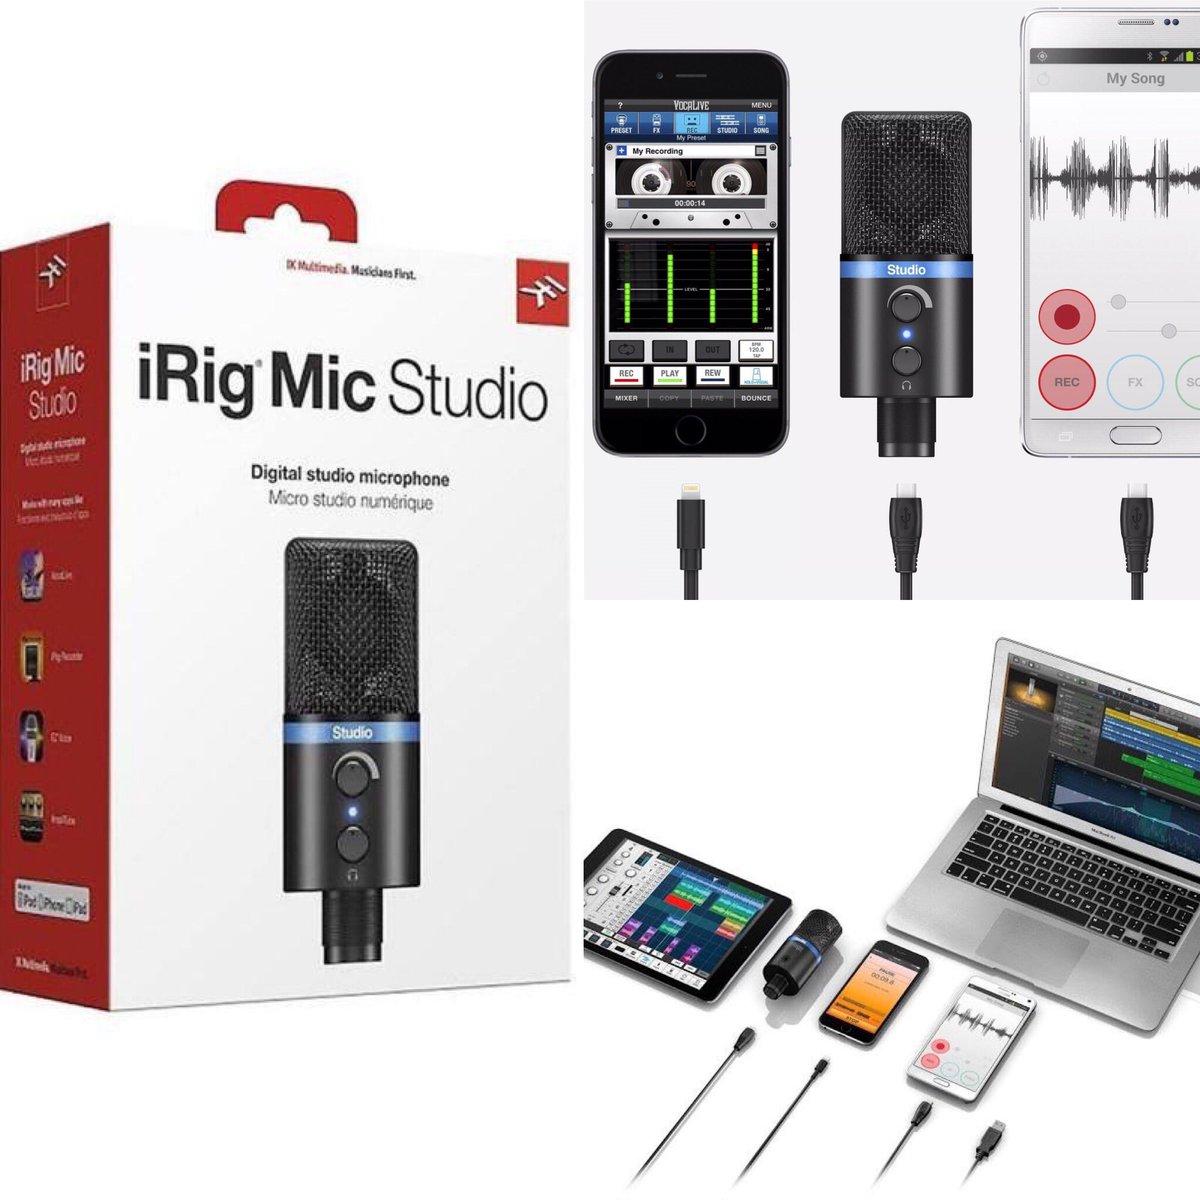 IK Multimedia :: iRig Mic Studio  Compatible con Mac/Pc , IOS/Android  Aprovecha nuestros descuentos!!   Contáctanos:  097 912 5101 (WhatsApp)  #MasMusika #IKmultimedia #Condenser #Ecuador #descuentos #CuarentenaCreativa #QuédateEnCasa https://t.co/5d7wTyOCDd